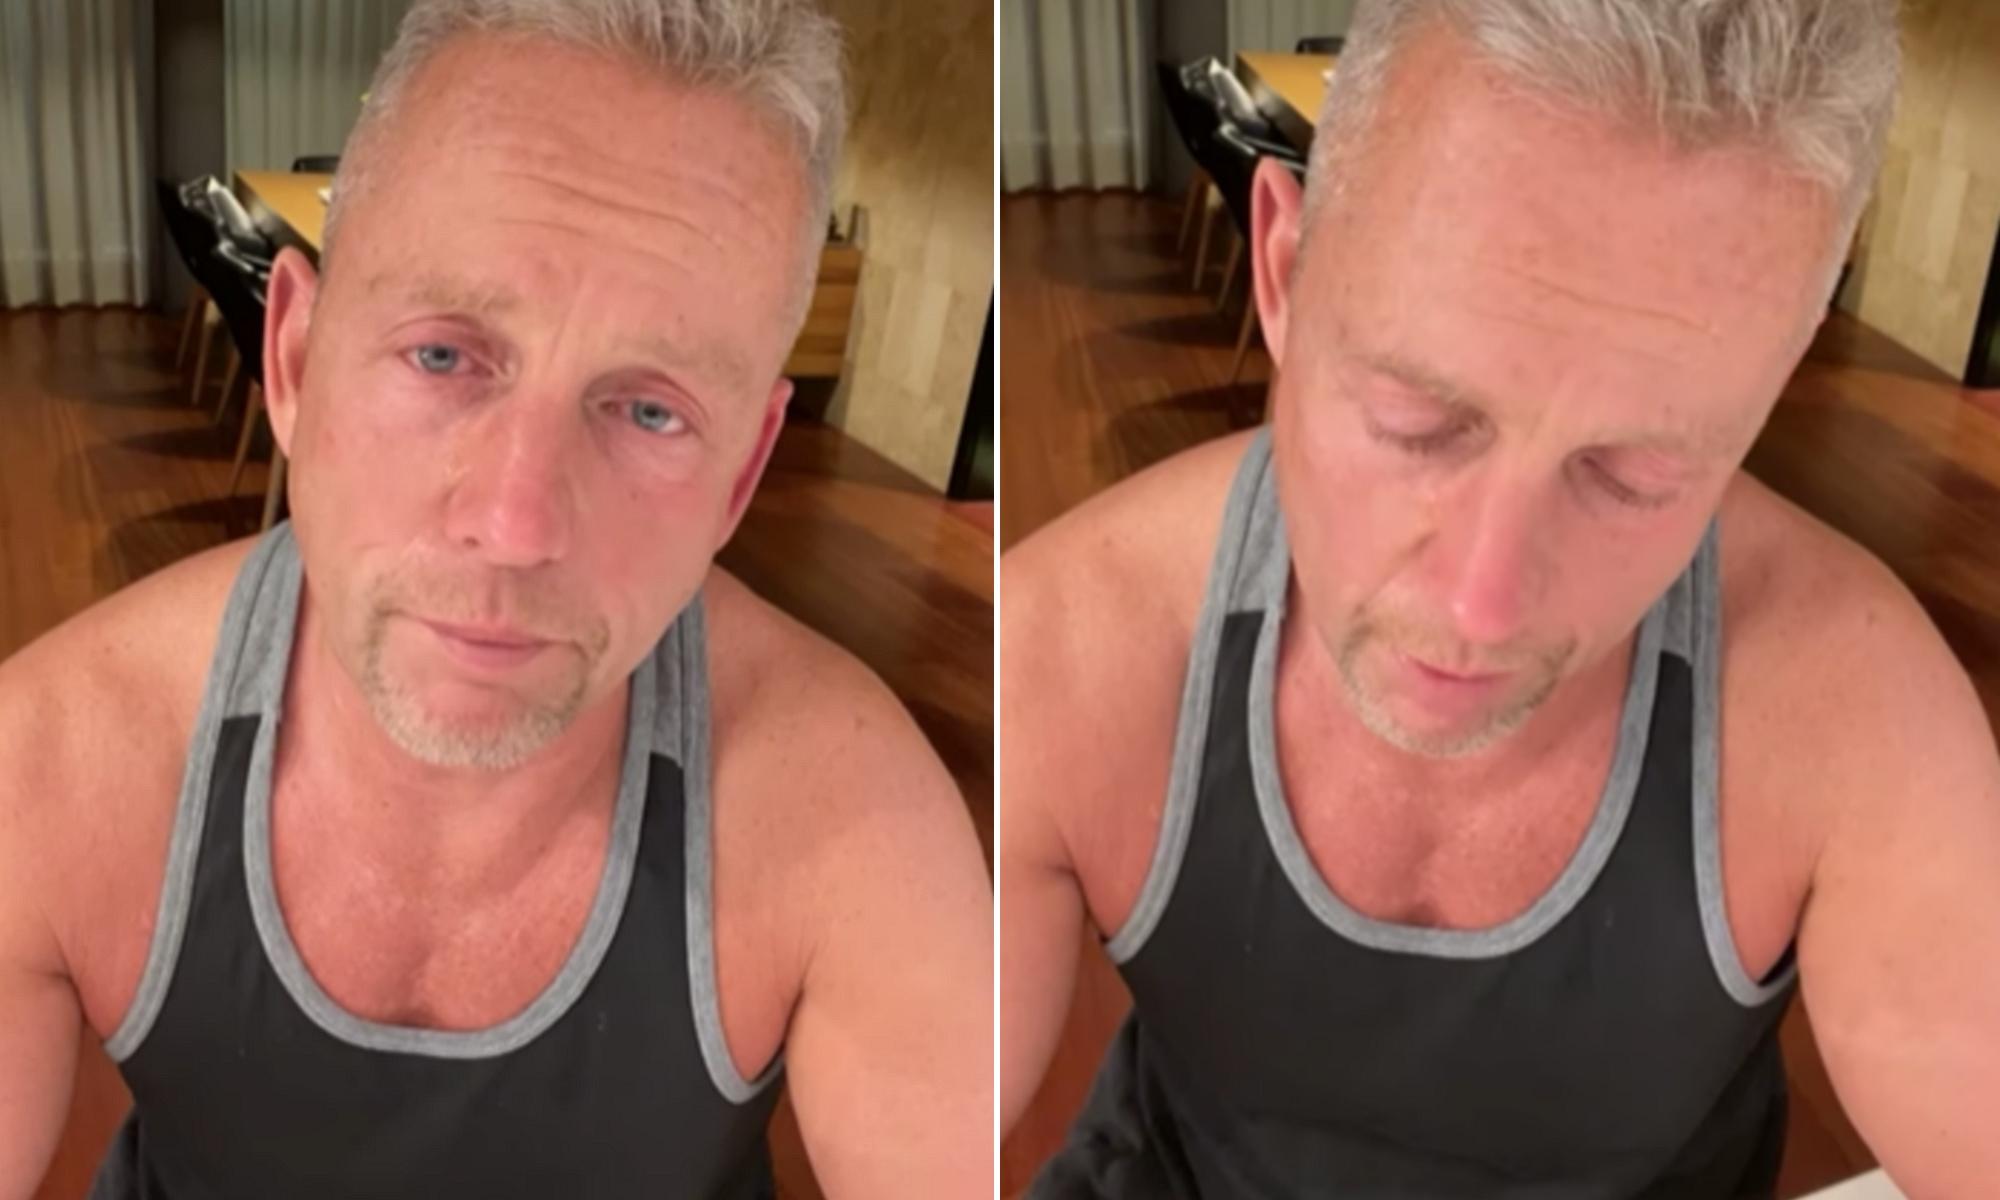 Schobert Norbi a könnyeivel küszködve mondta el, hogy meghalt egy elhízott férfi, akin segíteni akart